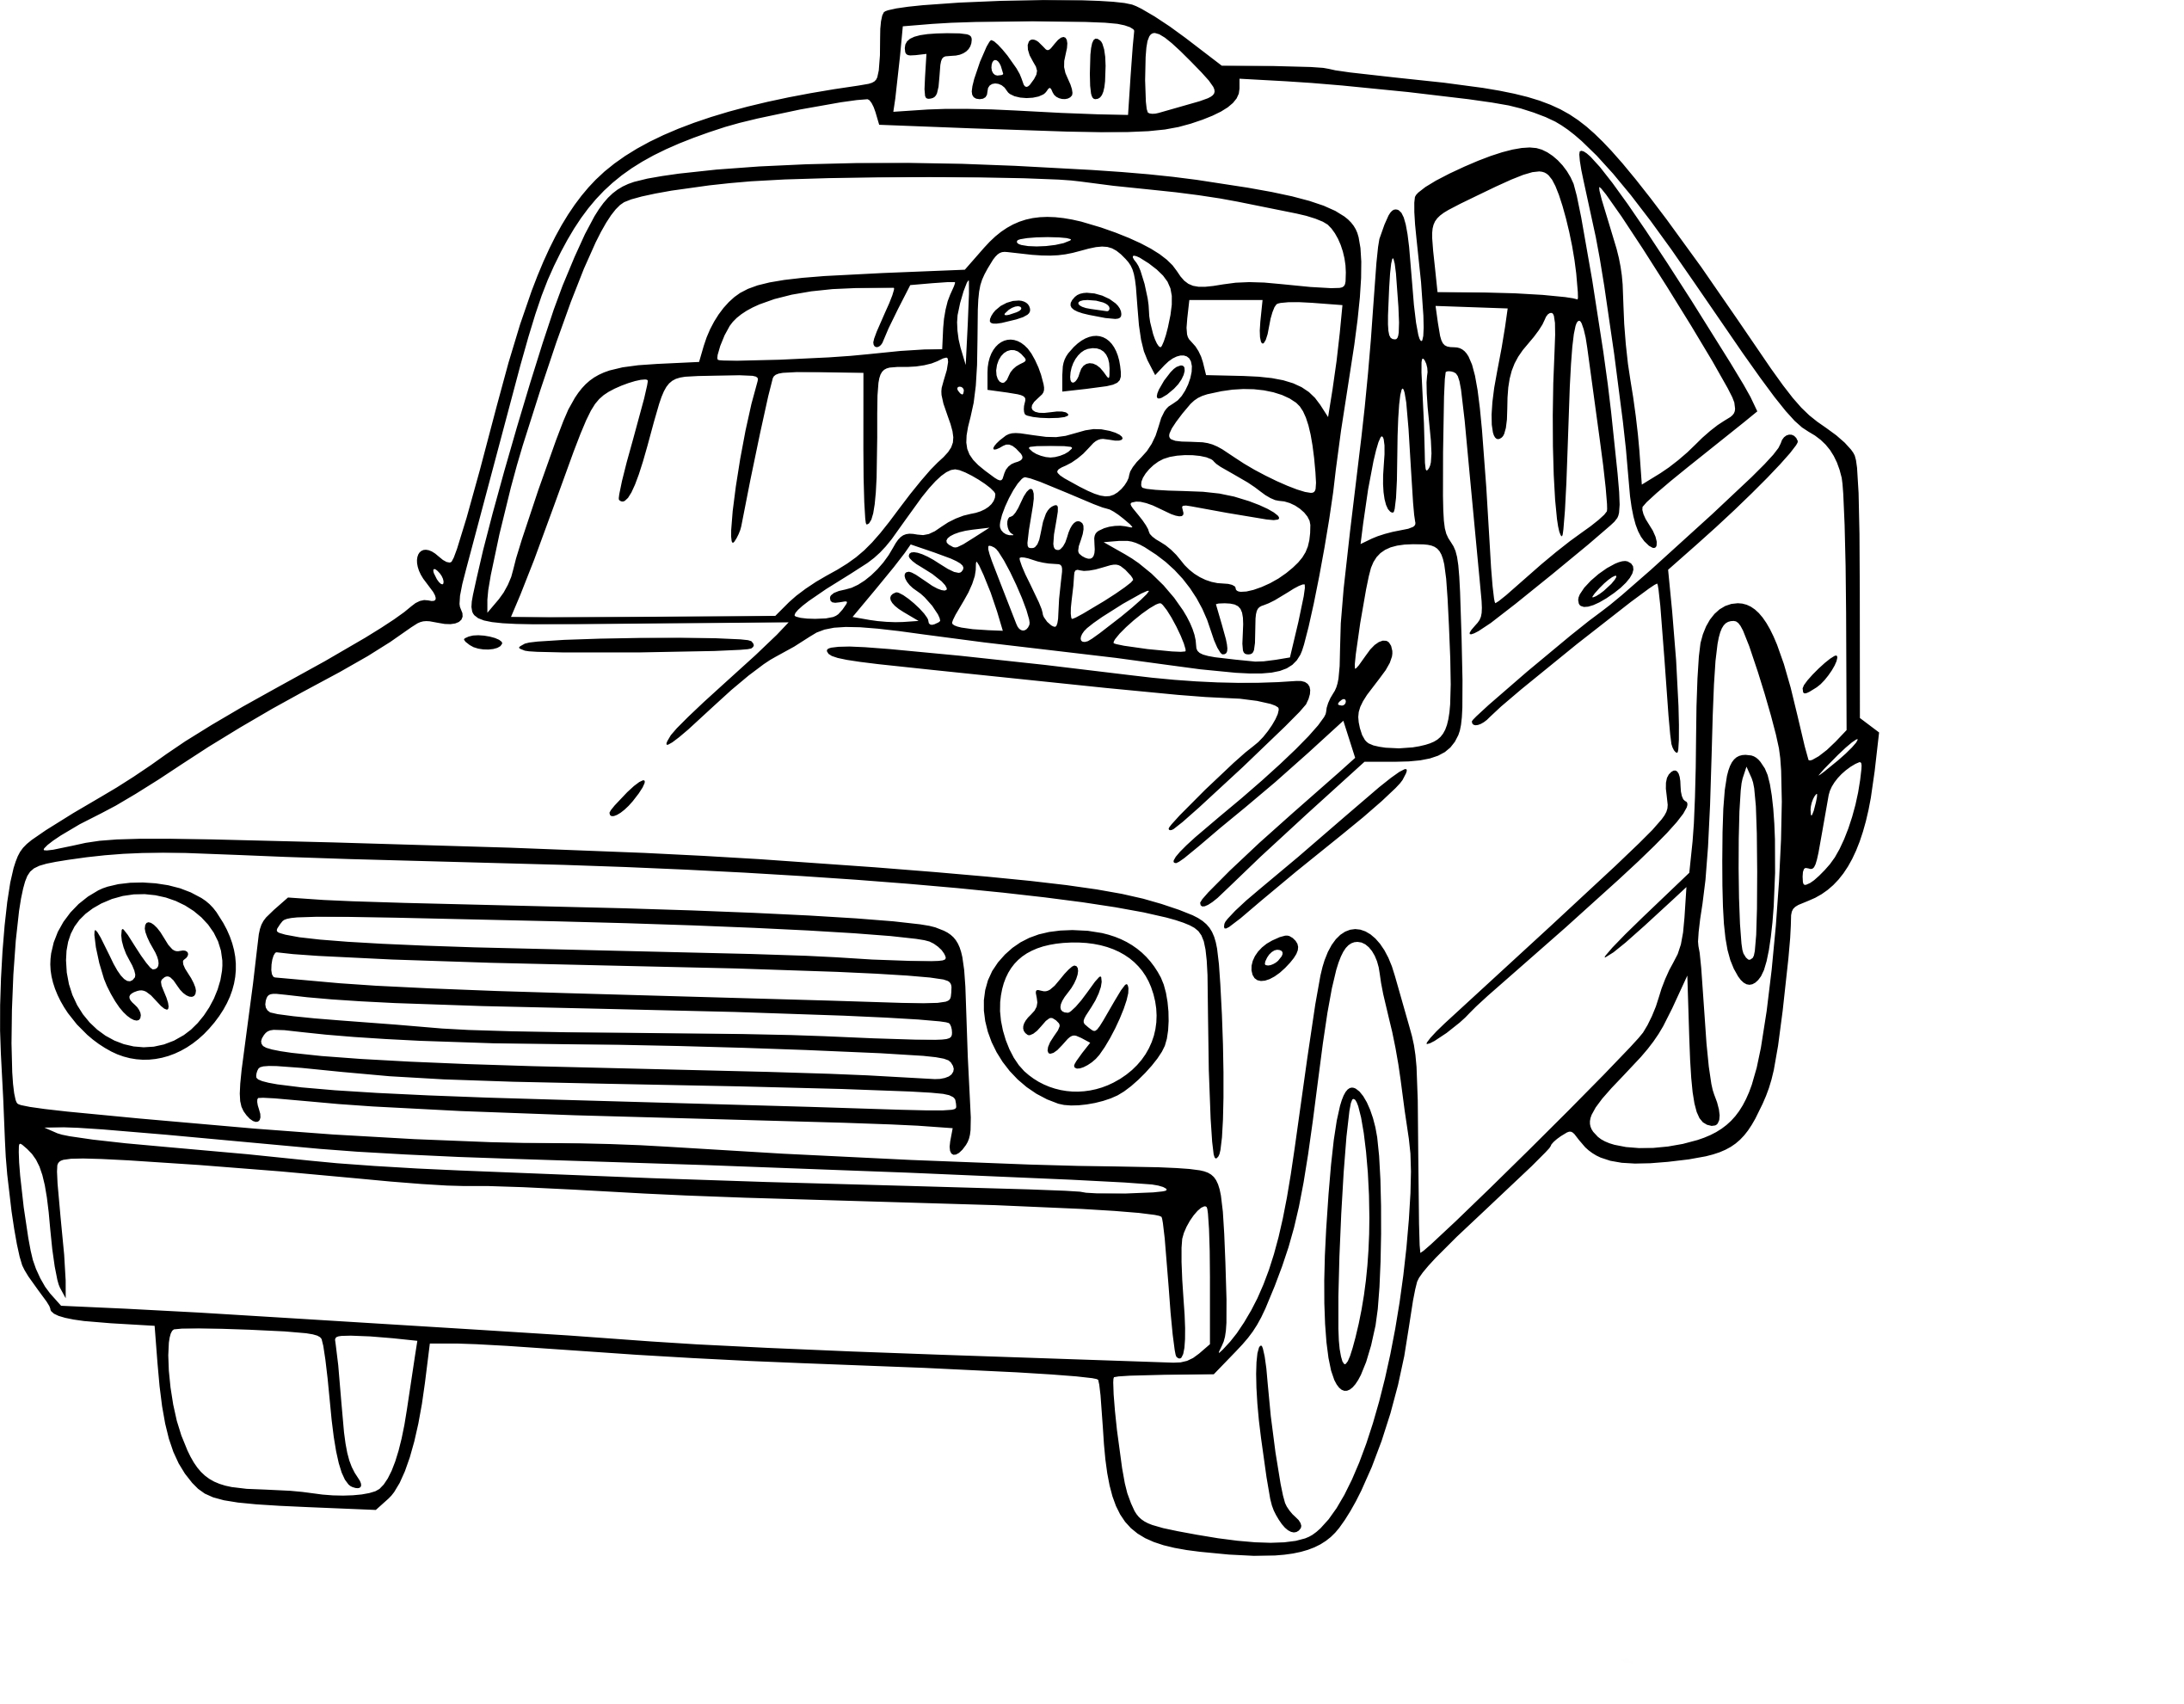 Coloriage Taxi à imprimer